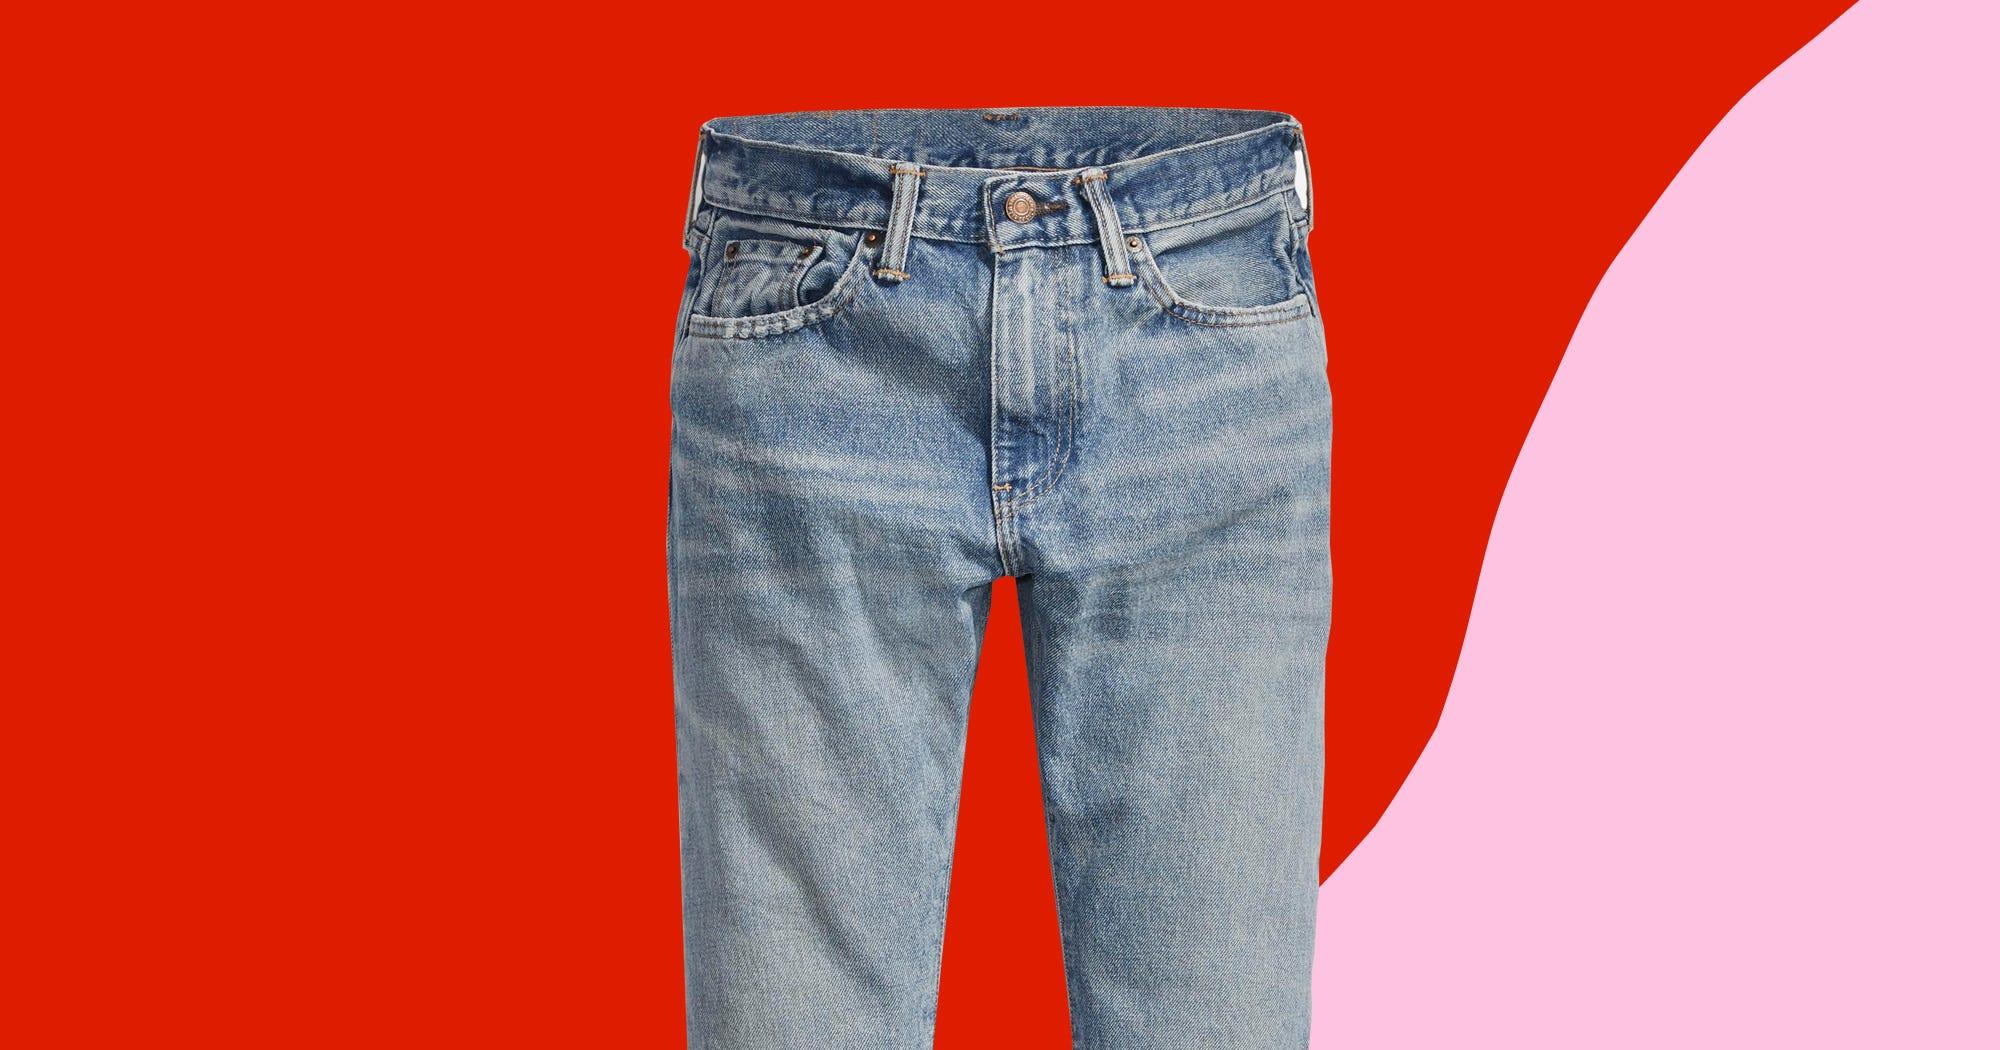 40a75fd6 Levis Vintage Jeans - New 505C Denim Styles, Slim Fit